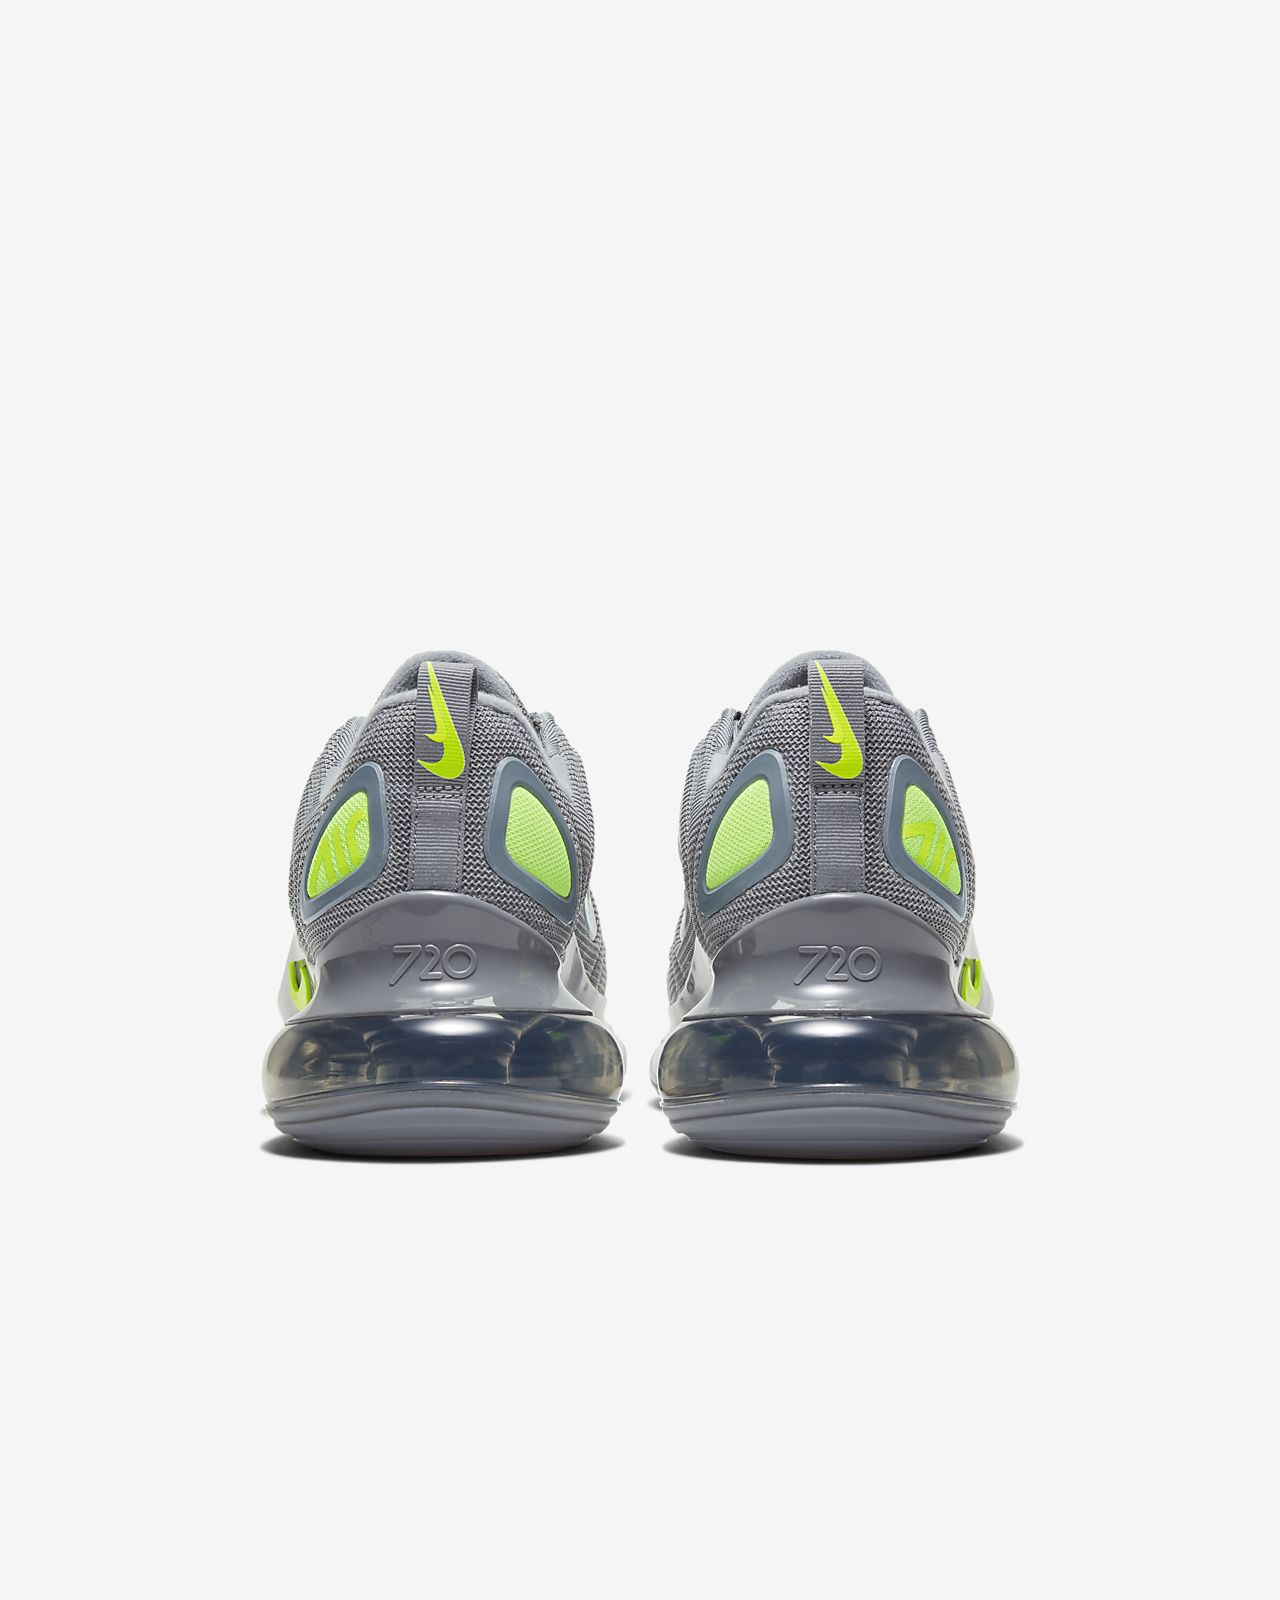 Nike Air Max 720 Herrenschuh